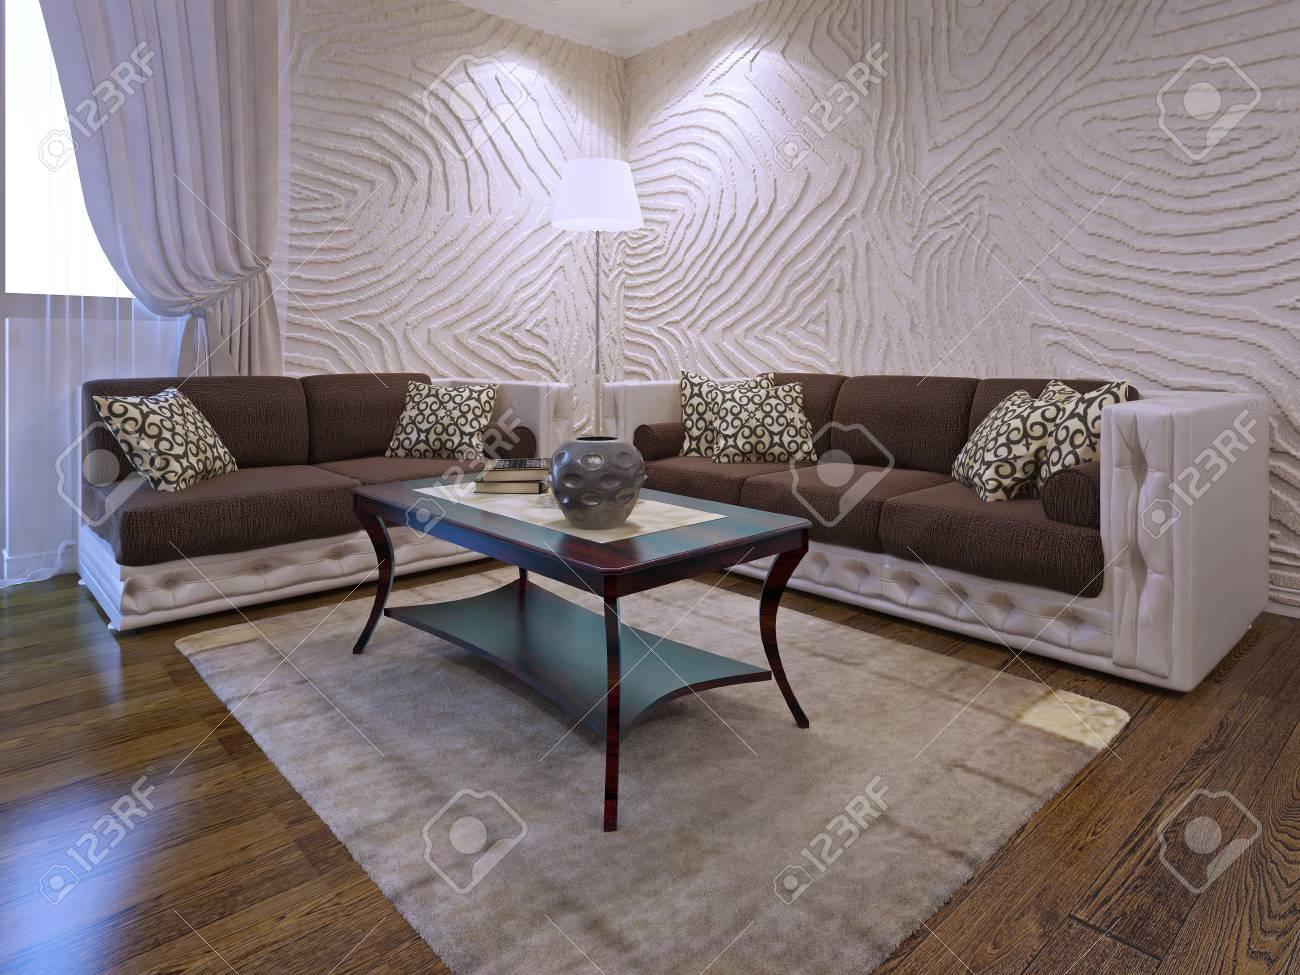 Conjunto De Muebles De Sala De Estar Elegante. Dos Sofás De Color ...